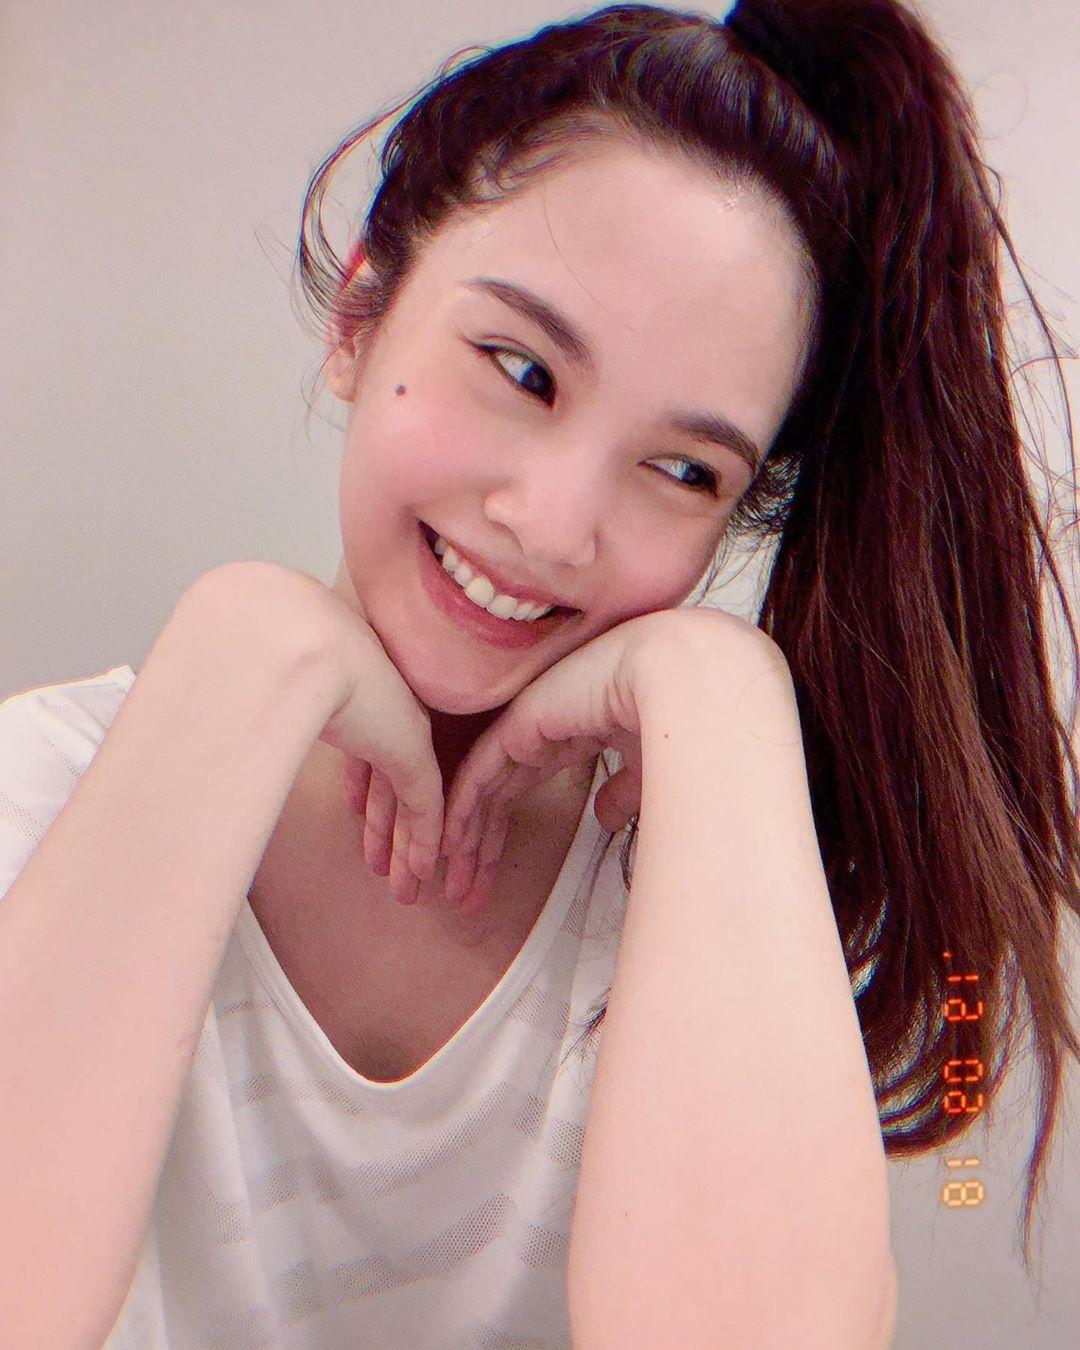 Dương Thừa Lâm debut gần 20 năm rồi mà visual vẫn như gái 20, hoá ra là nhờ 6 bí quyết mà chị em hay bỏ qua - Ảnh 3.